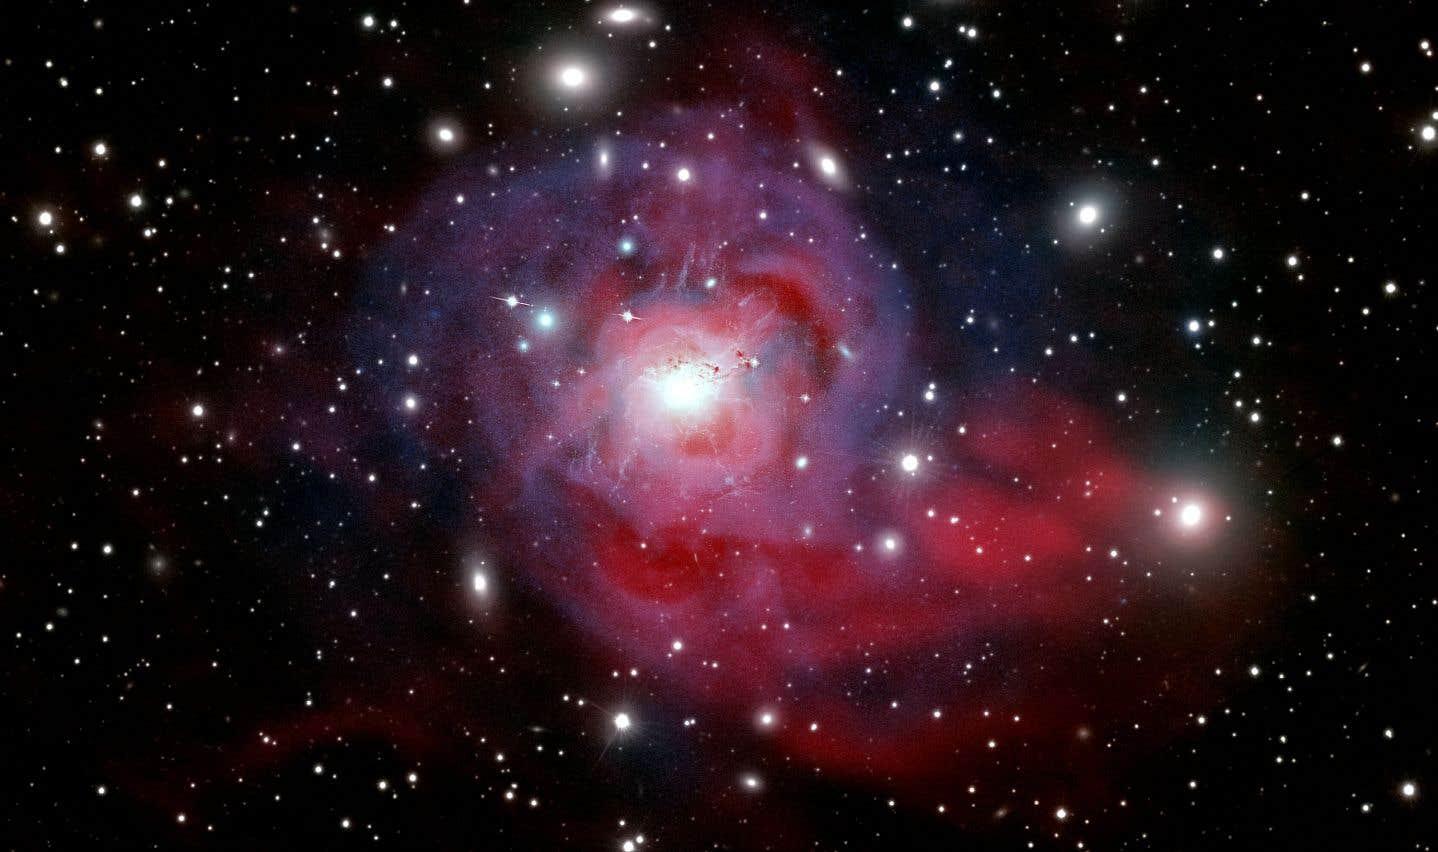 Flamboyante galaxie (Marie-Lou Gendron-Marsolais, Julie Hlavacek-Larrondo et Maxime Pivin Lapointe, Université de Montréal). La galaxie NGC1275 cache un trou noir supermassif responsable de puissants jets de particules (en rose) qui entretiendraient la température élevée (60 millions ºC) des gaz qui s'étendent entre les galaxies (en bleu).